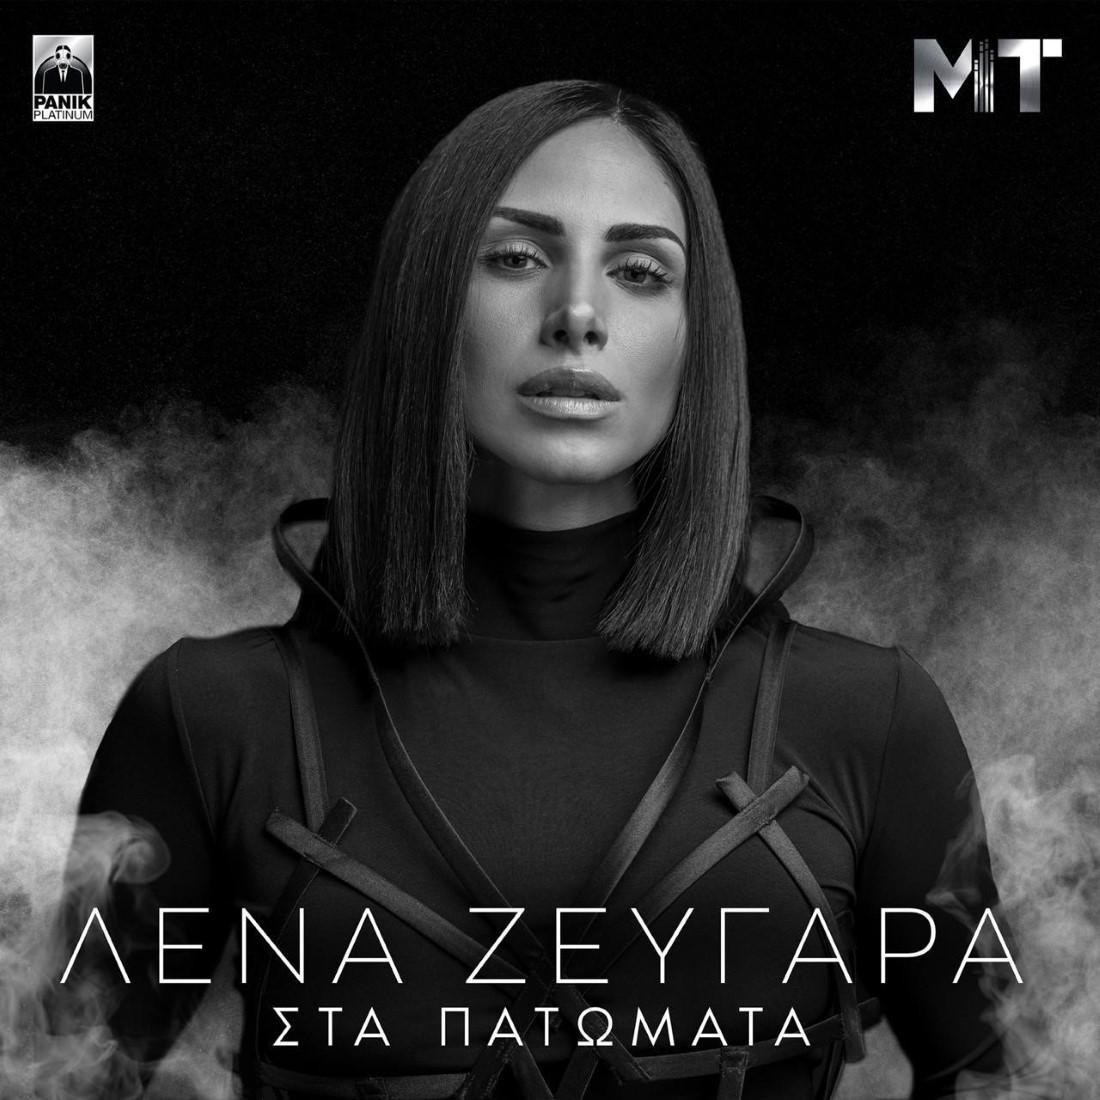 Λένα Ζευγαρά - Στα πατώματα | Πανόραμα 100,8FM